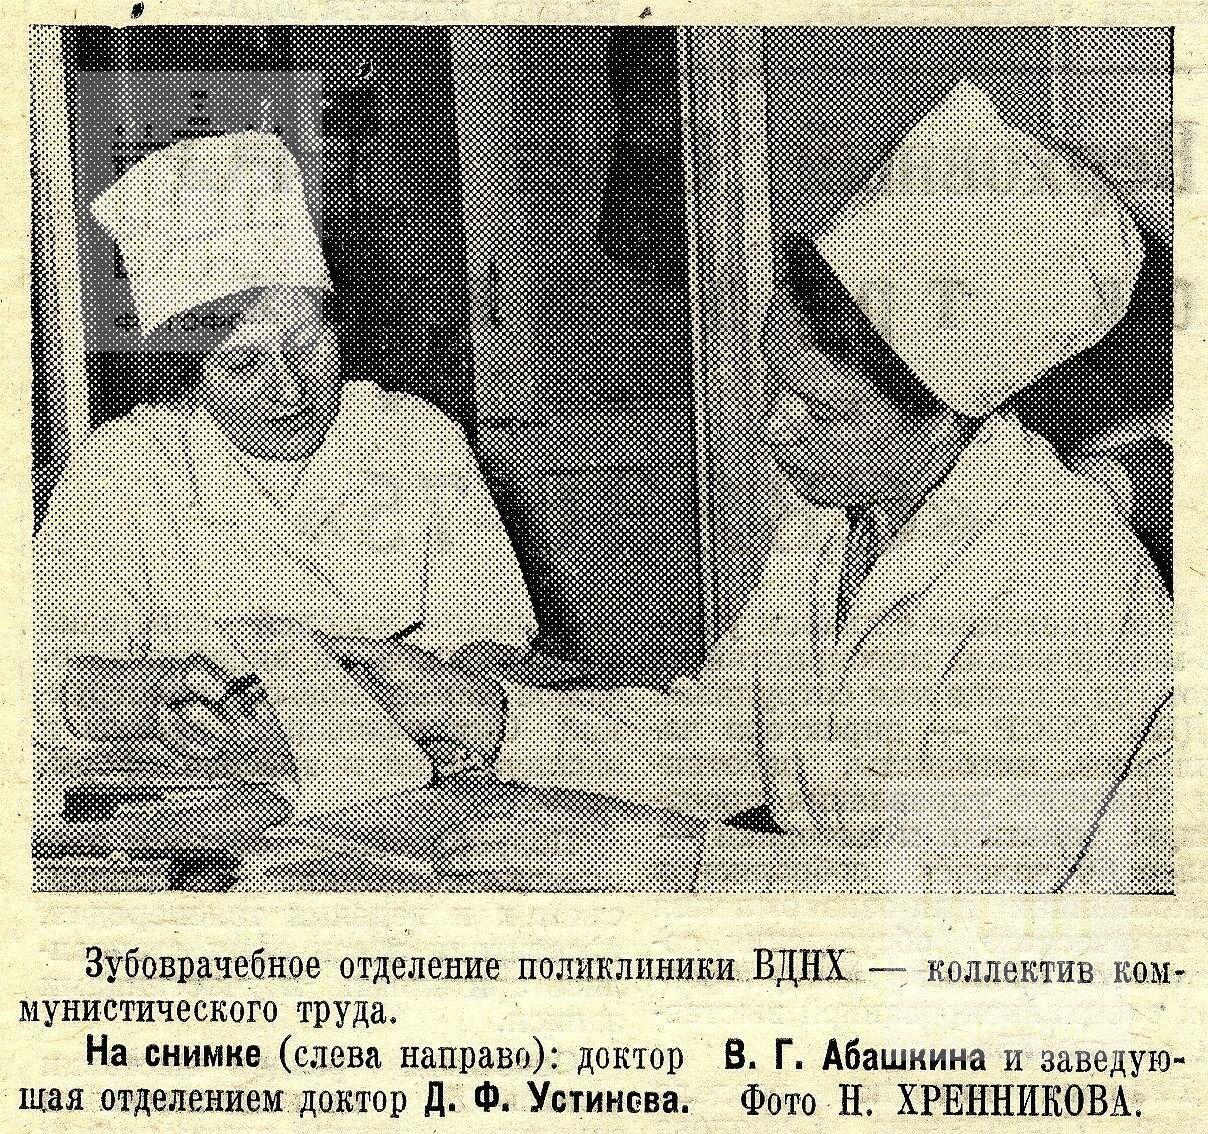 За передовой опыт. 1977, №47